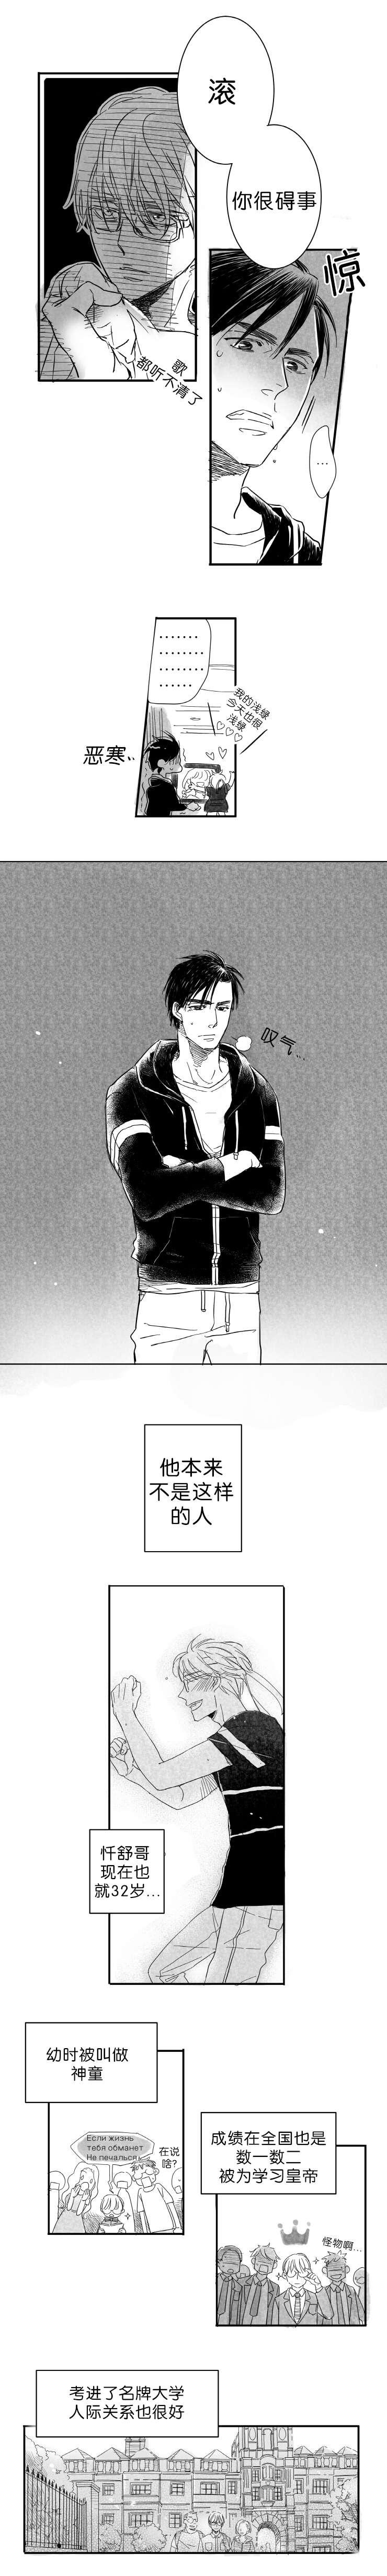 《如狼似犬(前传)》漫画在线欣赏 腐漫BL啵乐腐味满满网站